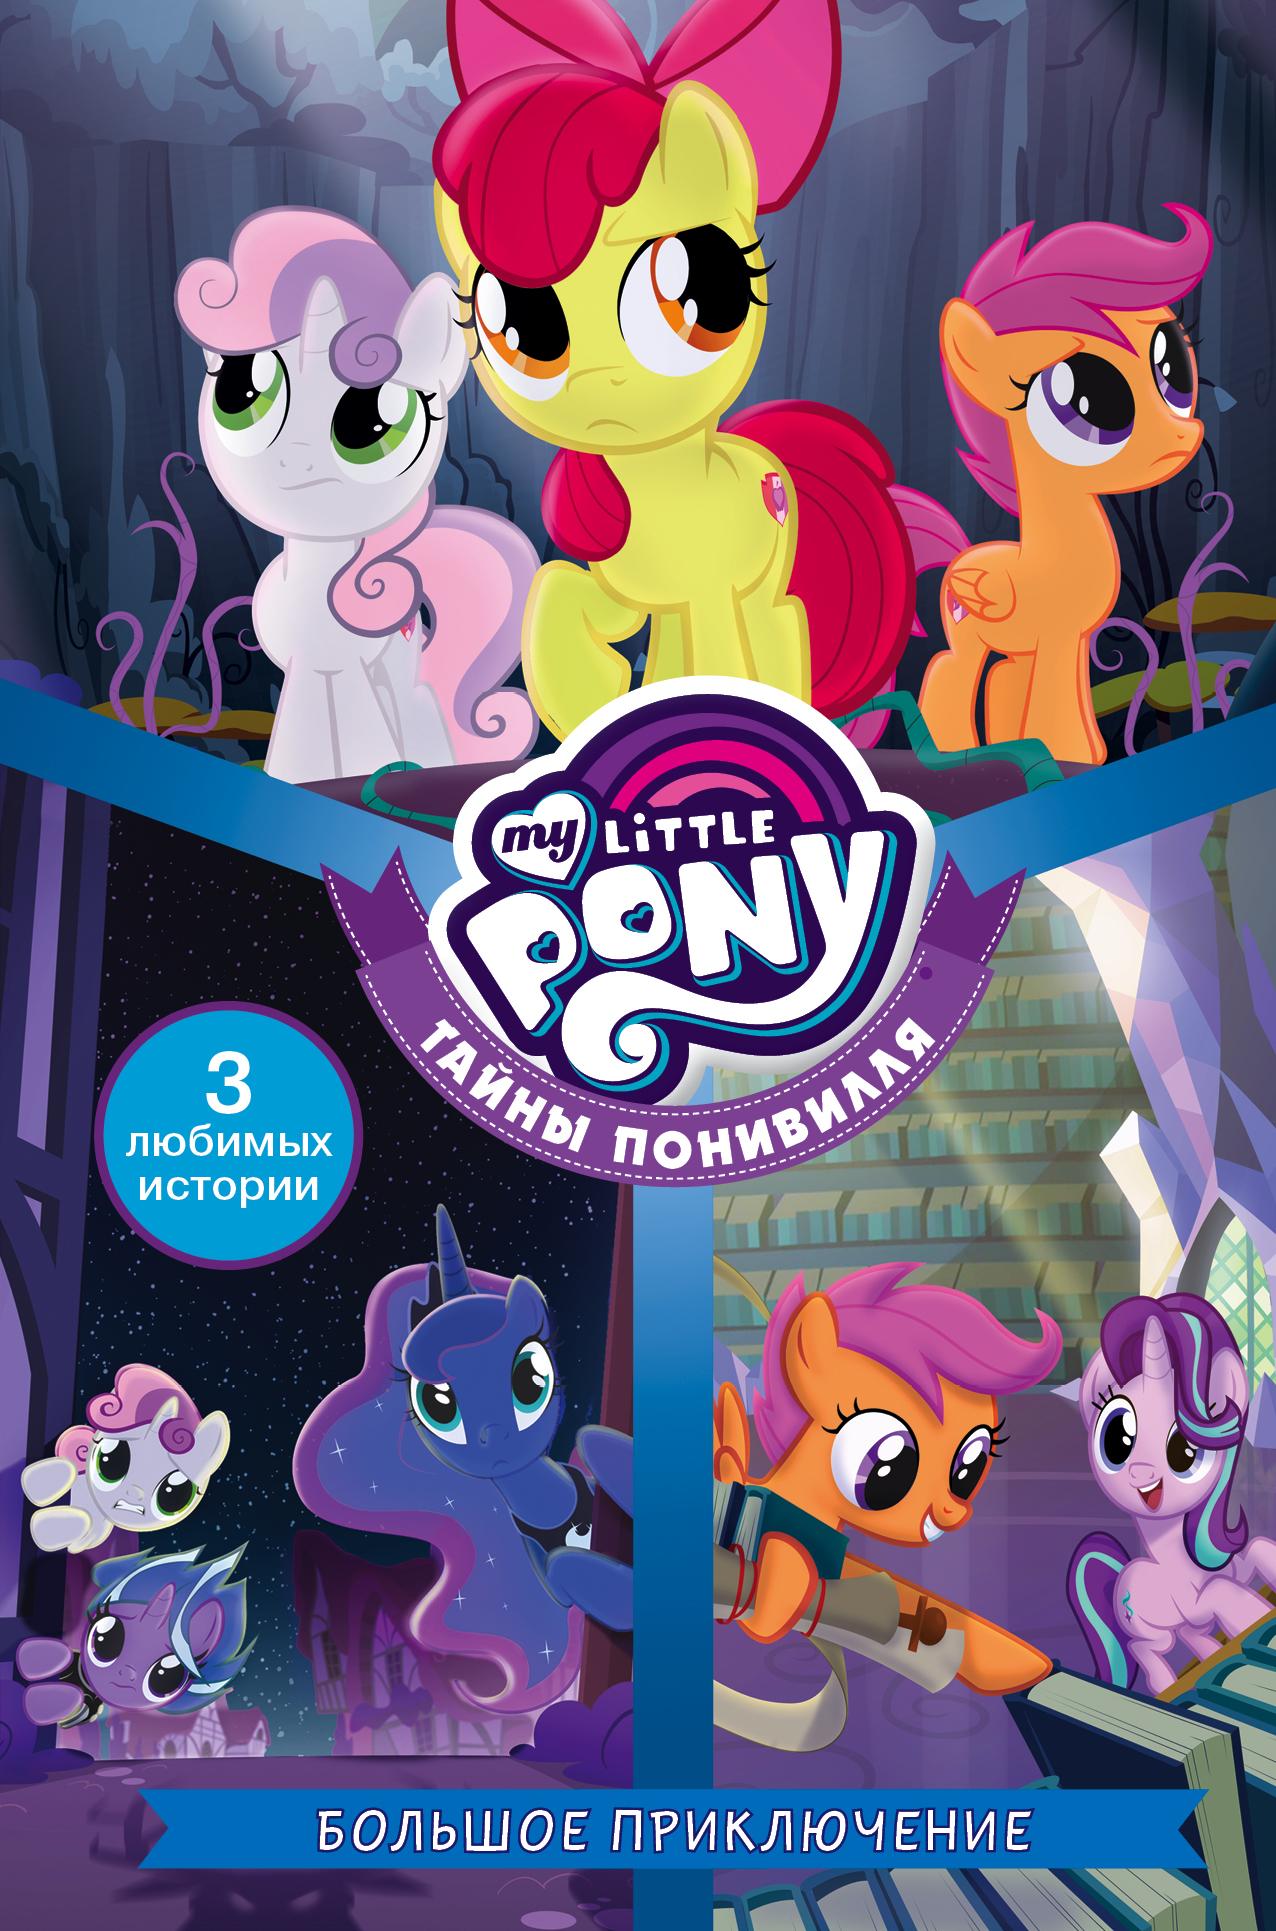 Куилл Пенумбра Мой маленький пони. Тайны Понивилля. Большое приключение